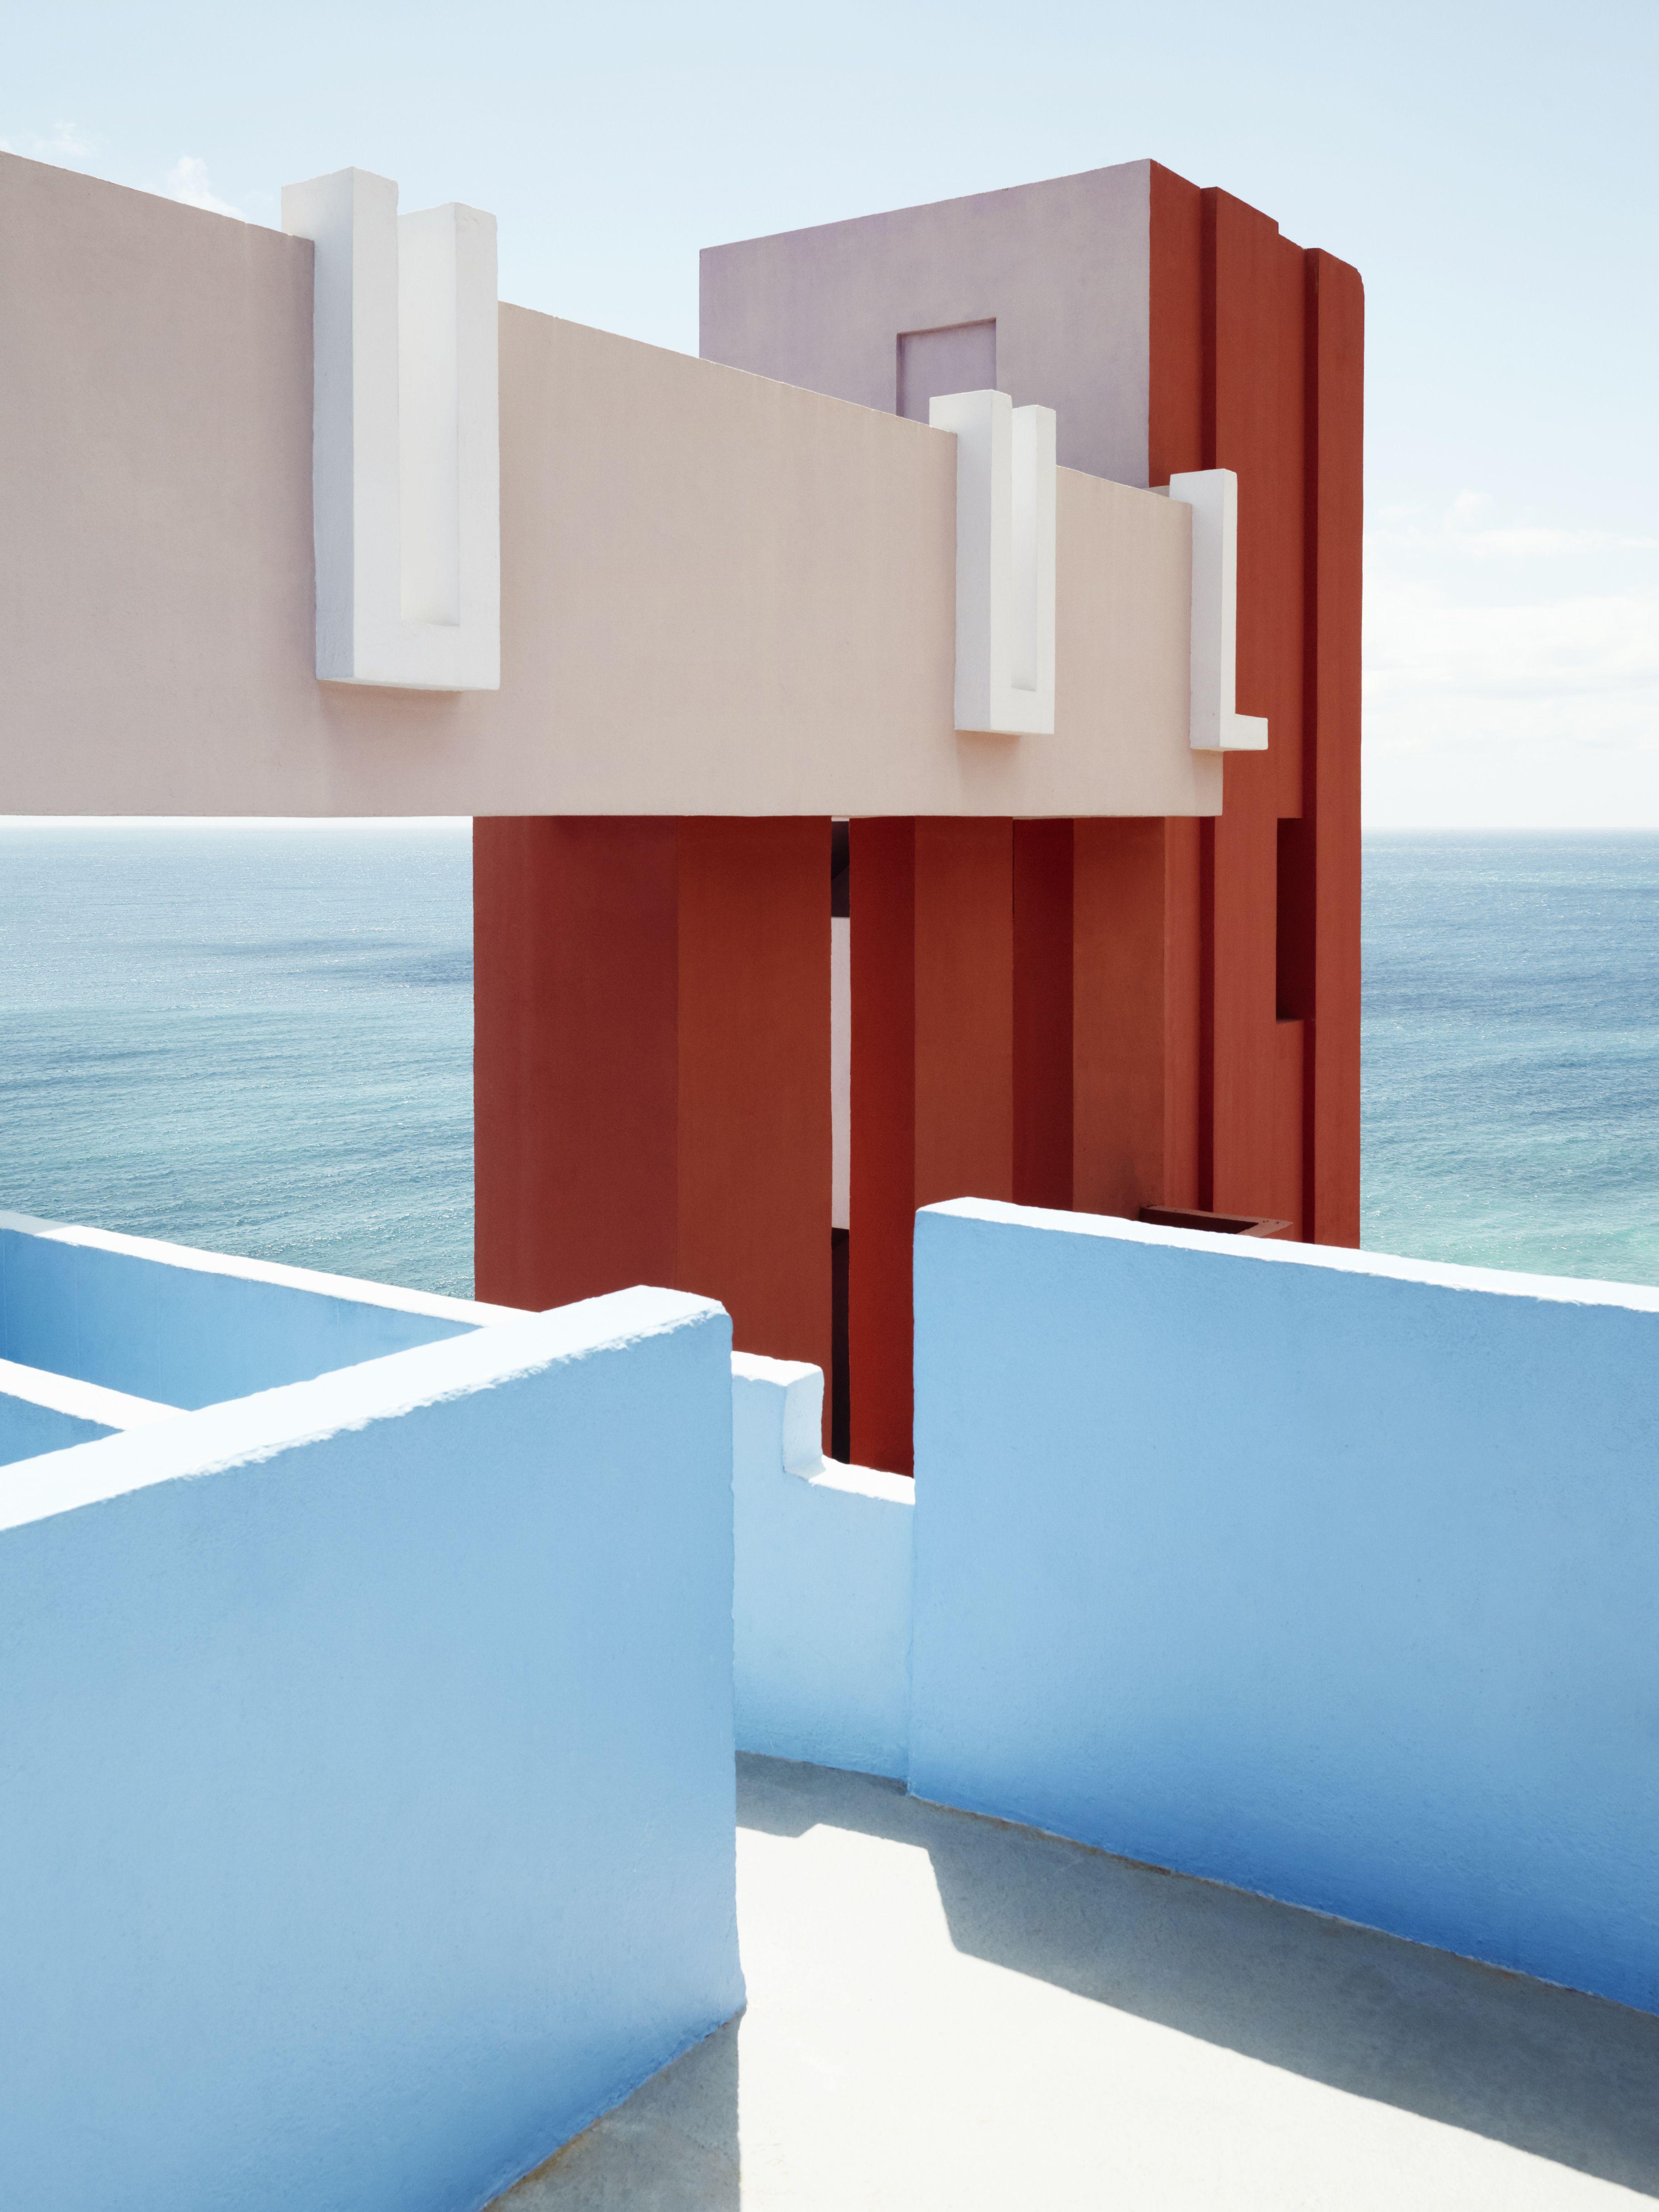 Central de arquitectura a mexico city based design studio has - La Muralla Roja In Calpe Alicante Spain Ricardo Bofill Taller De Arquitectura